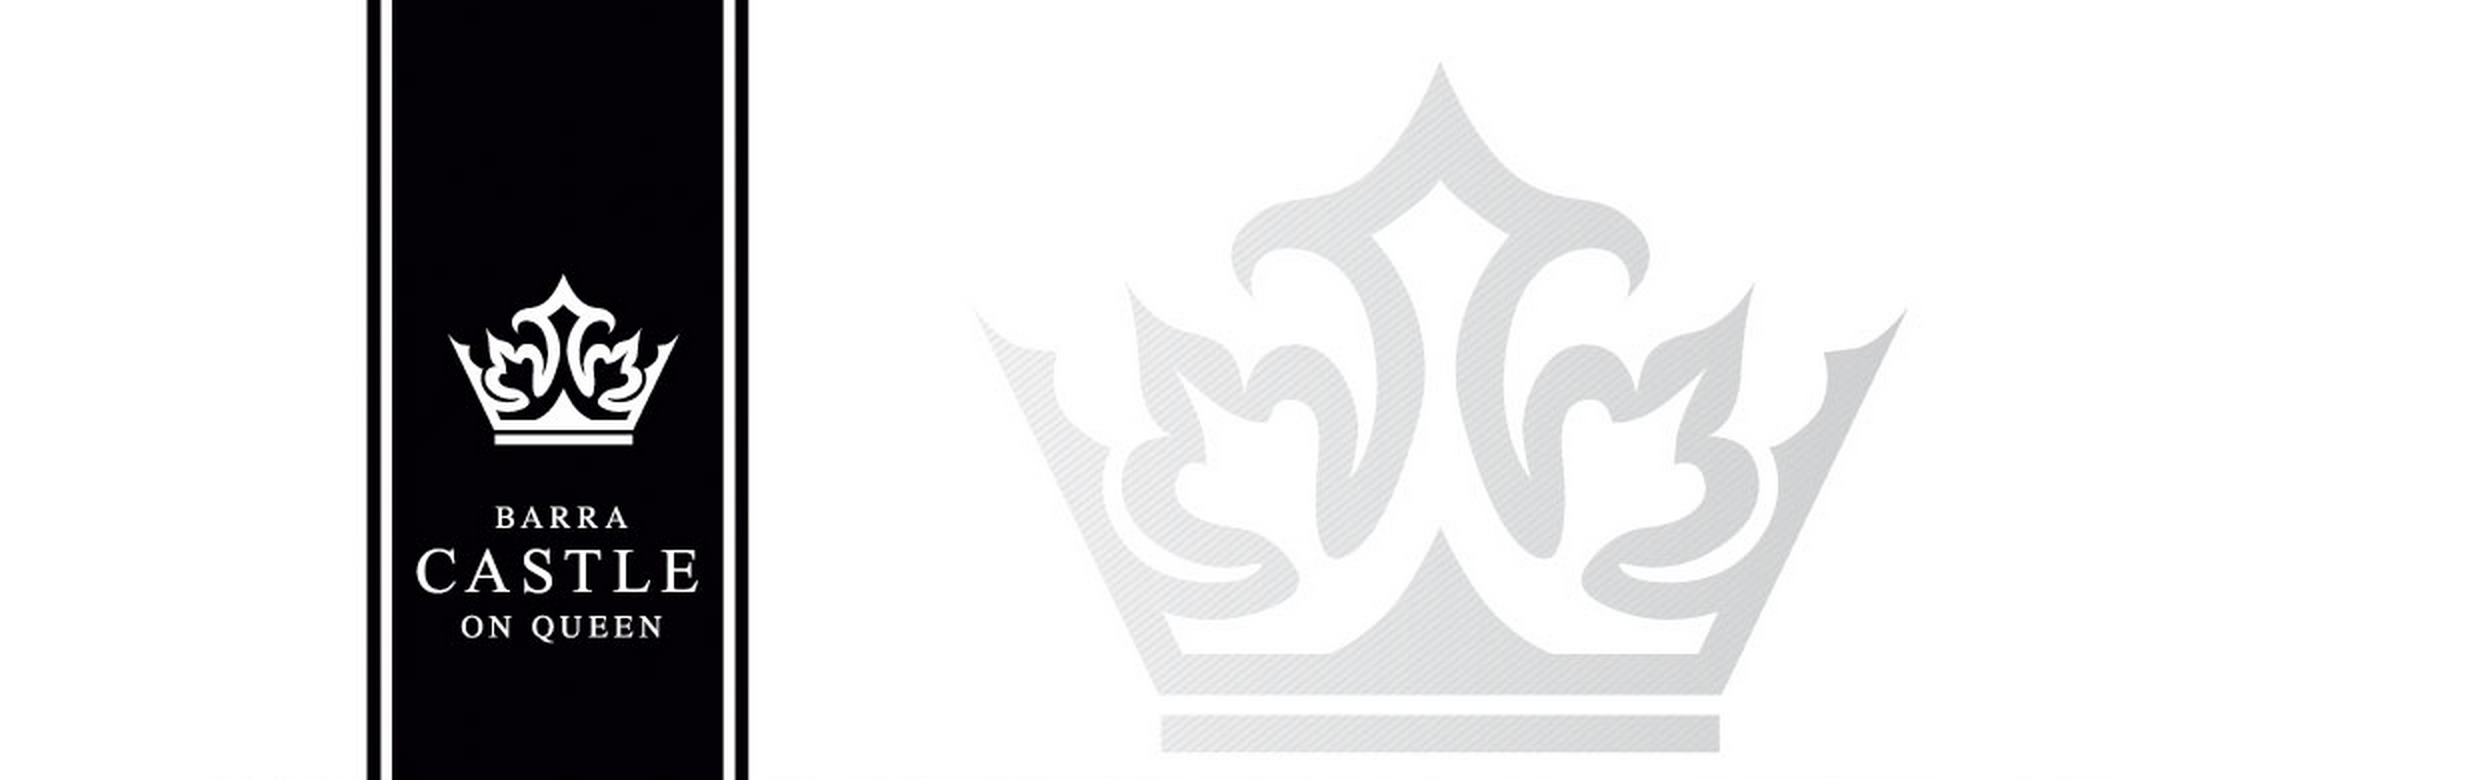 Barra Castle – Sign Up for Updates